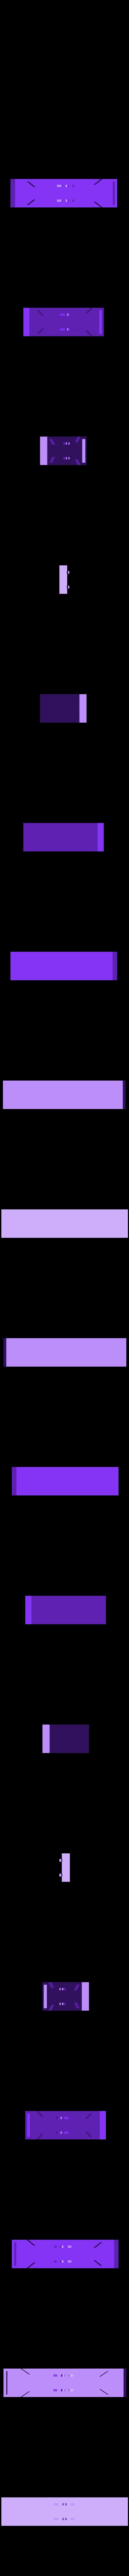 mousetrap-blue-see-saw.stl Télécharger fichier STL gratuit TortureTrap : une extension du piège à souris • Objet pour impression 3D, mrhers2